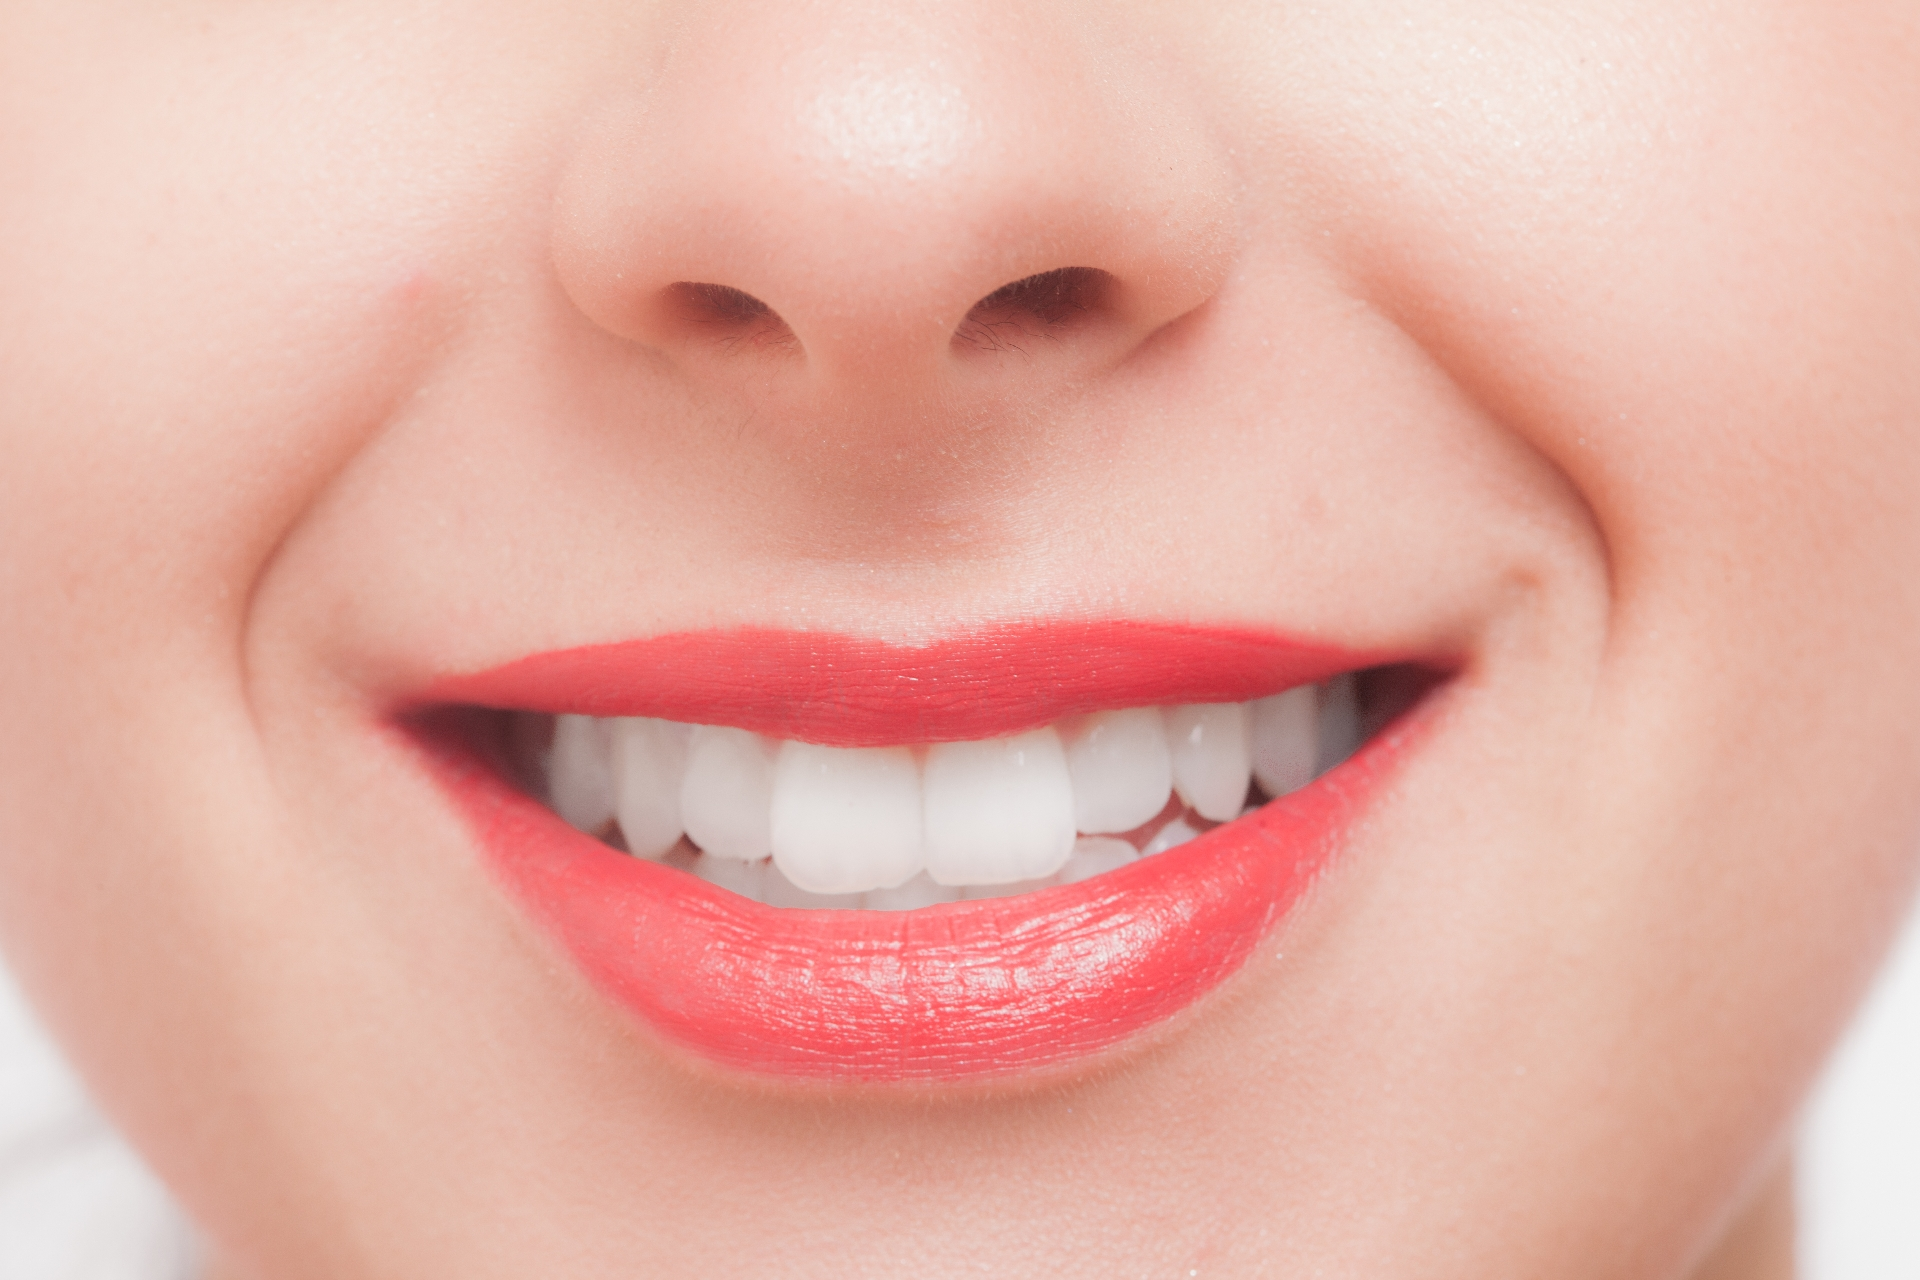 笑顔の女性の口元